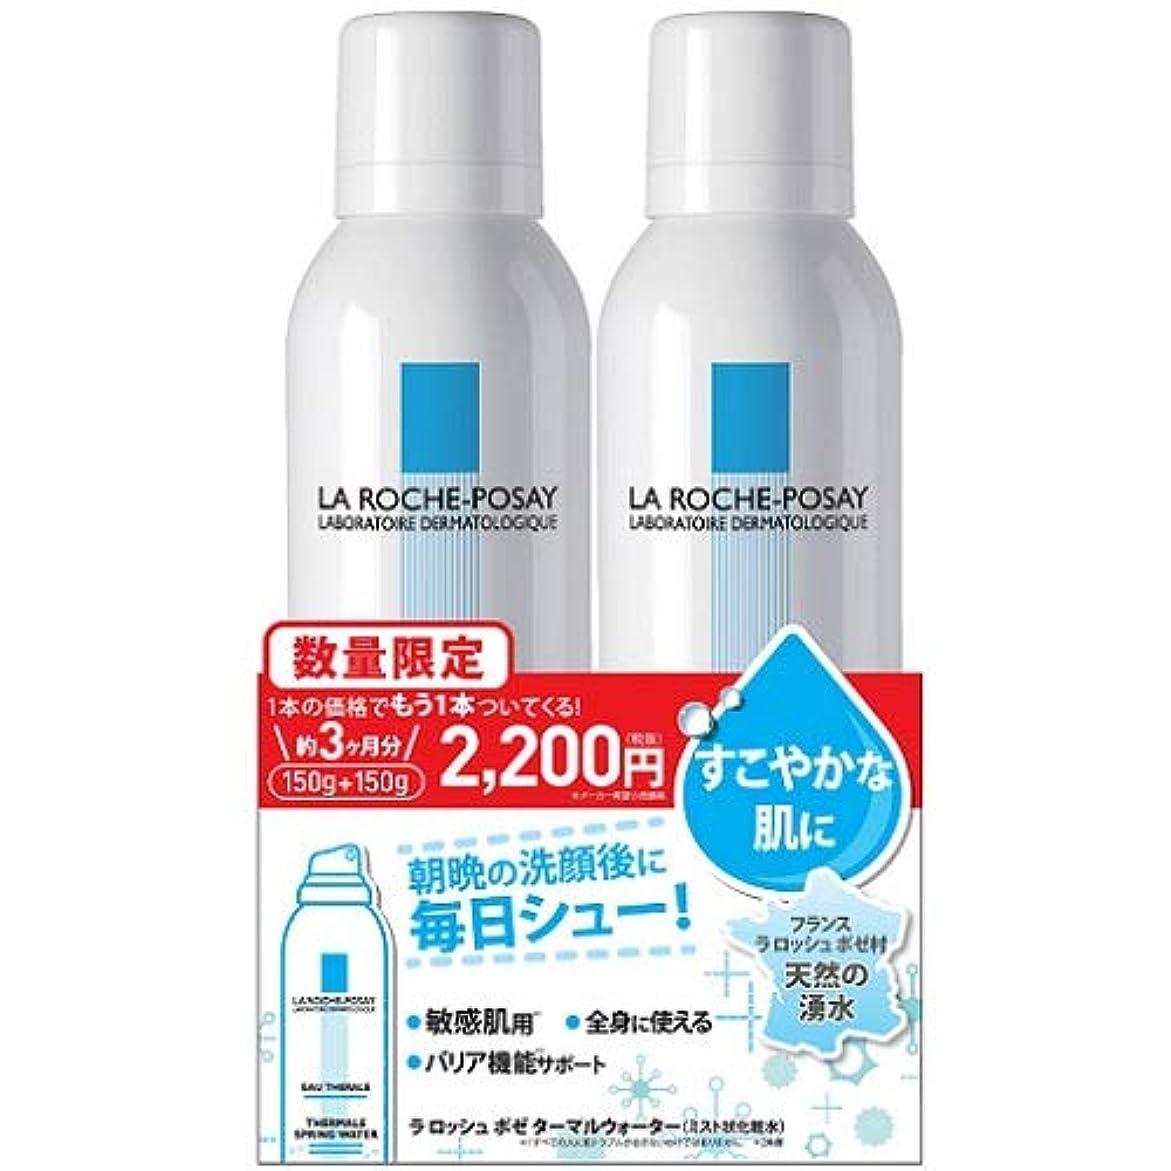 タックル応援するかわいらしいLa Roche-Posay(ラロッシュポゼ) 【敏感肌用*ミスト状化粧水】ターマルウォーター150g+150gキット